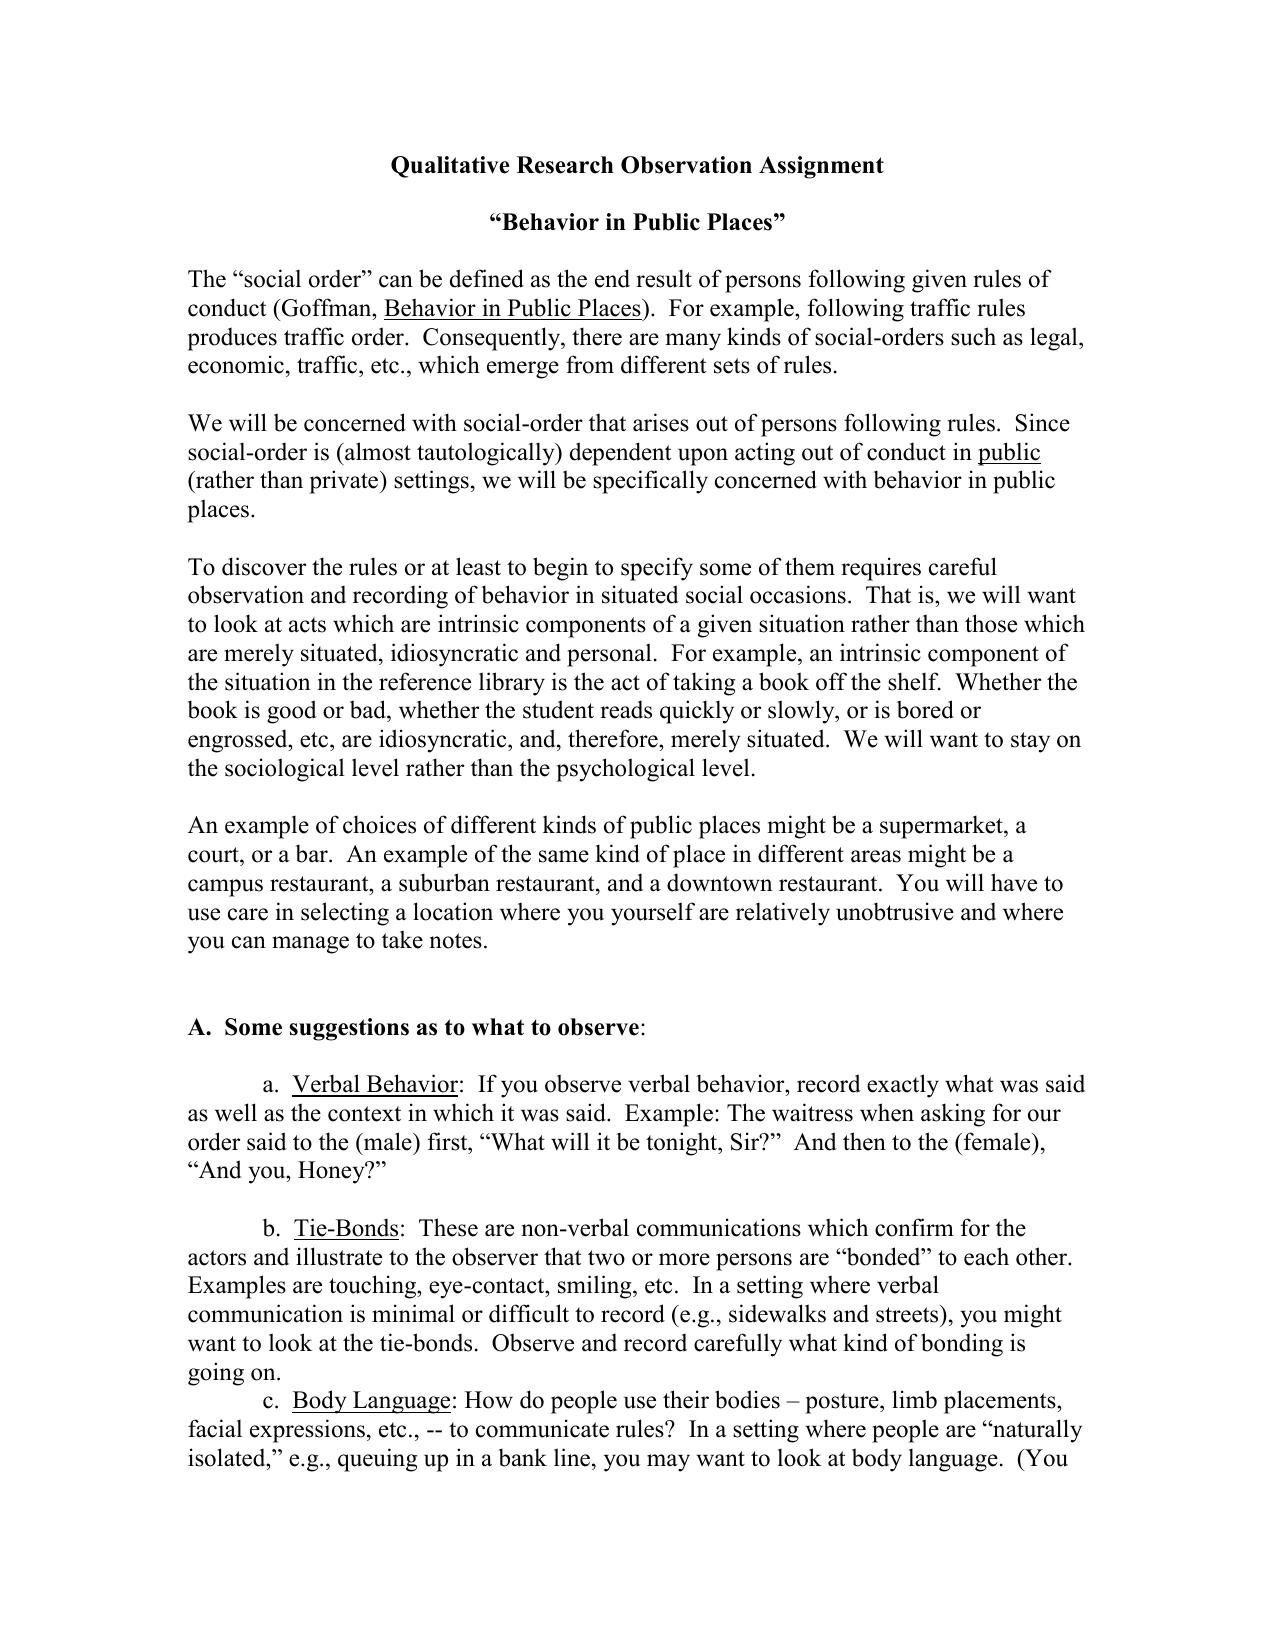 Communism Lesson Plans & Worksheets | Lesson Planet